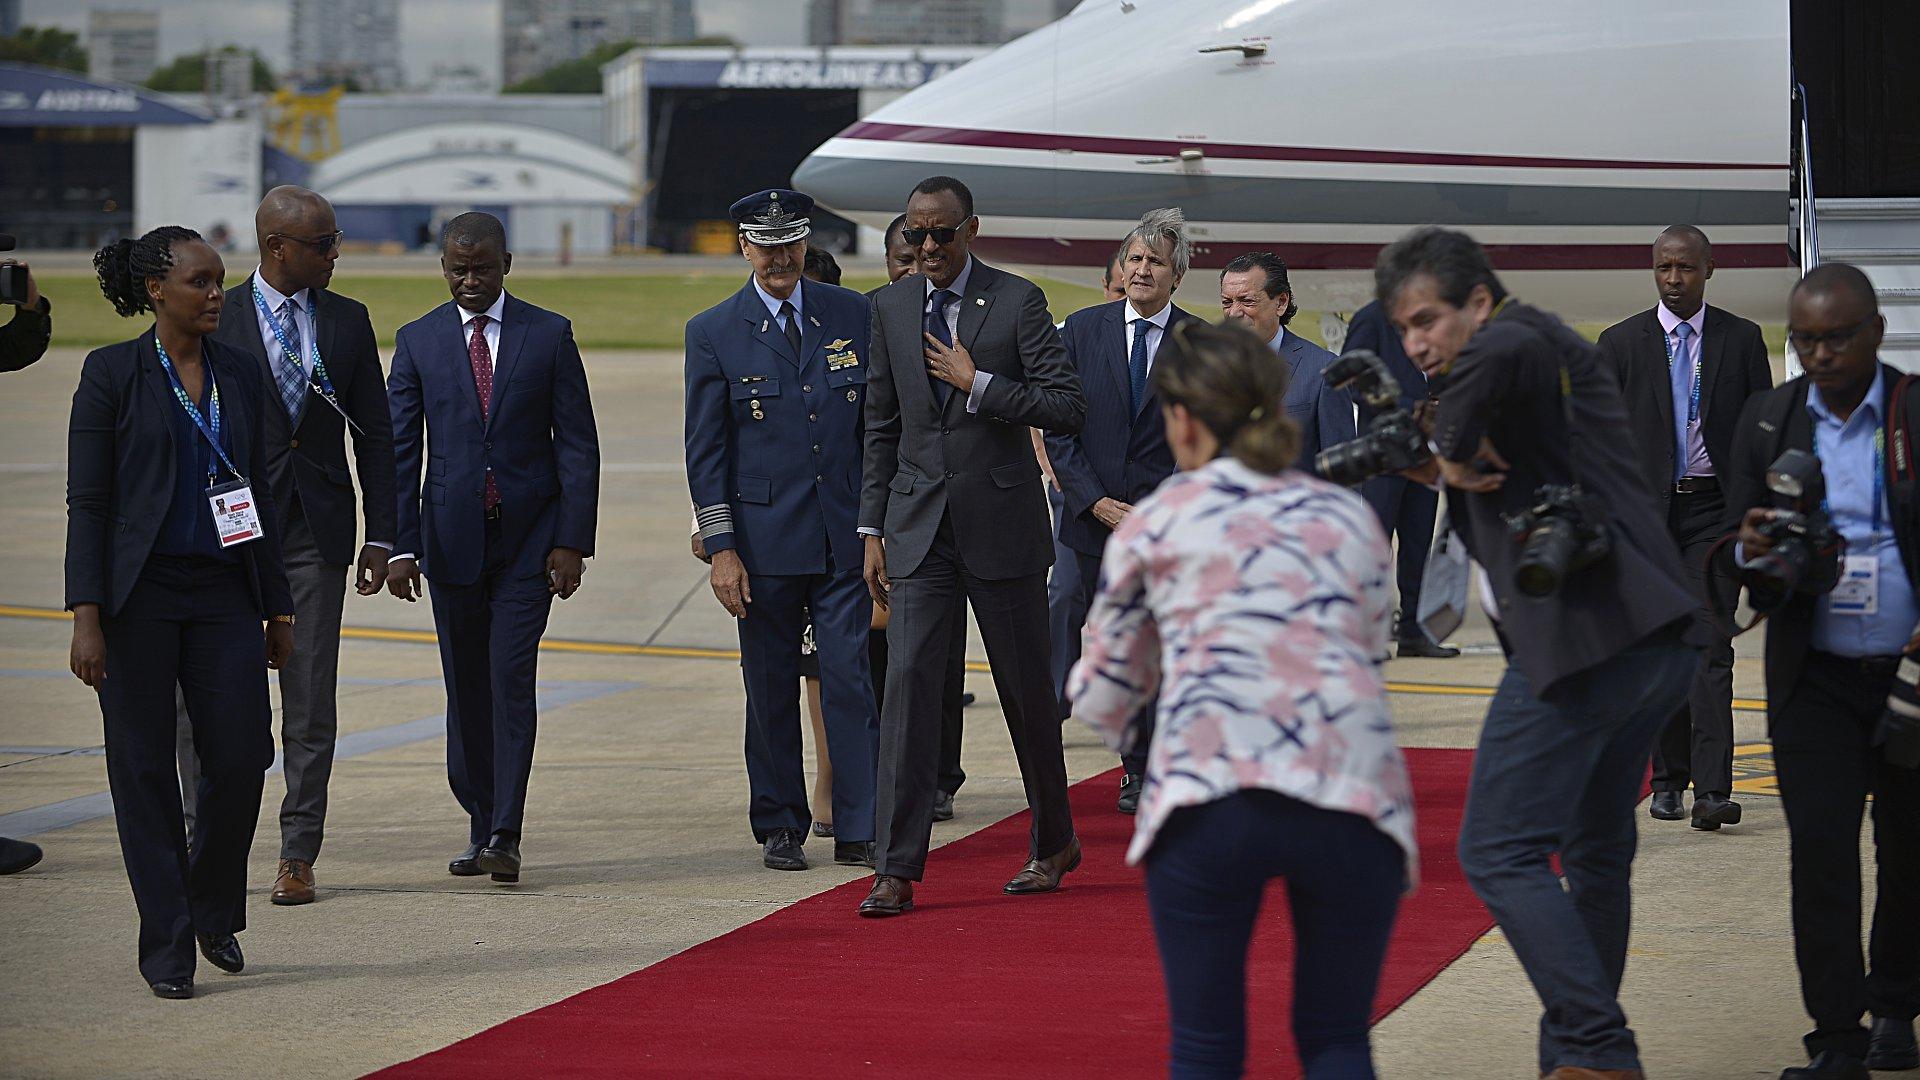 Otro de los mandatarios que pisó suelo argentino temprano fue Paul Kagame de Ruanda